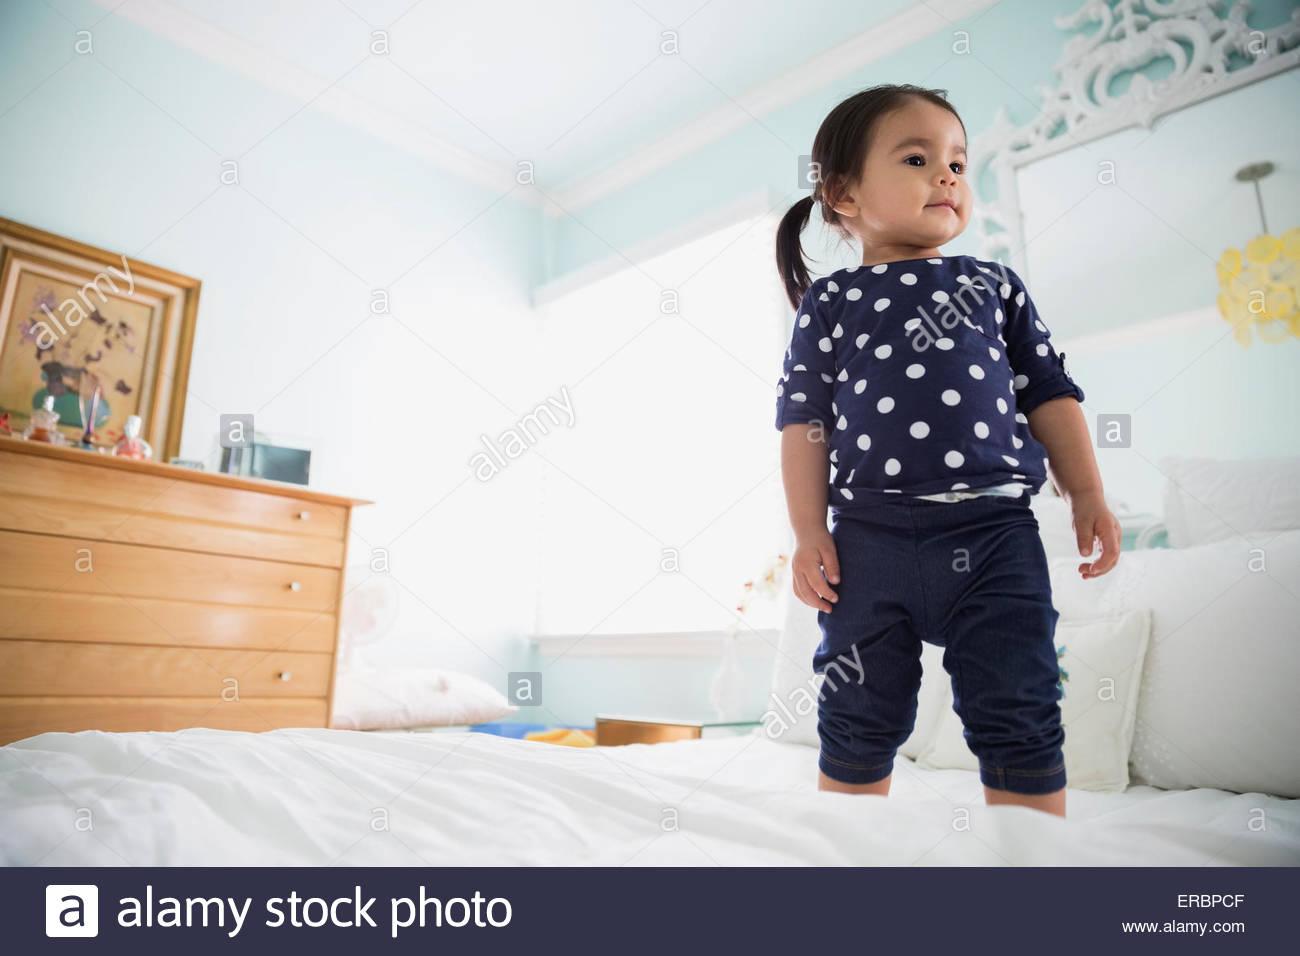 Brunette girl in polka-dot shirt standing on bed - Stock Image